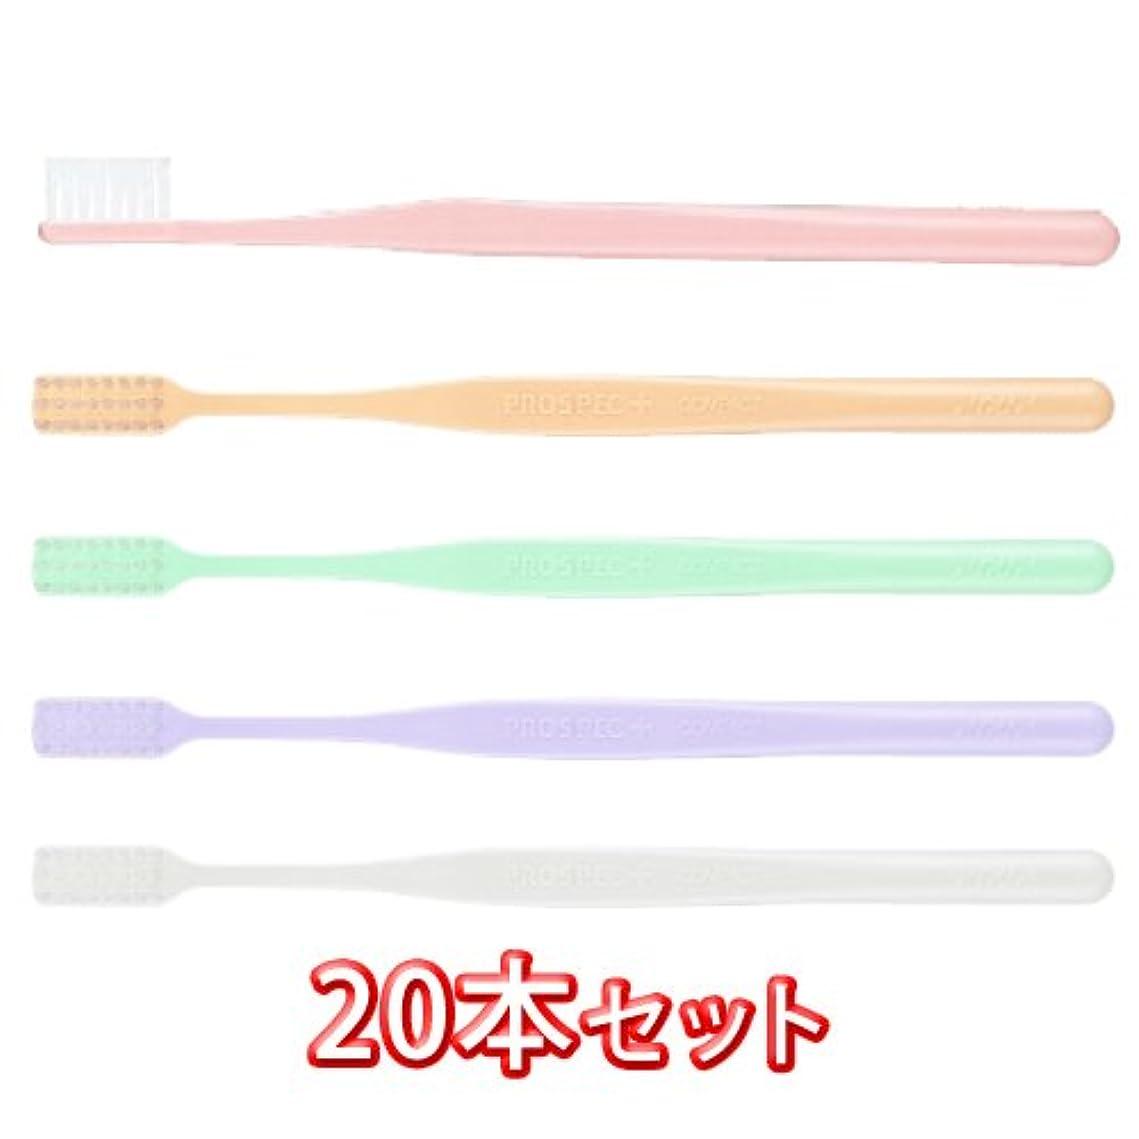 補体シダ裏切るプロスペック 歯ブラシ プラス コンパクト 20本入 (M(ふつう))